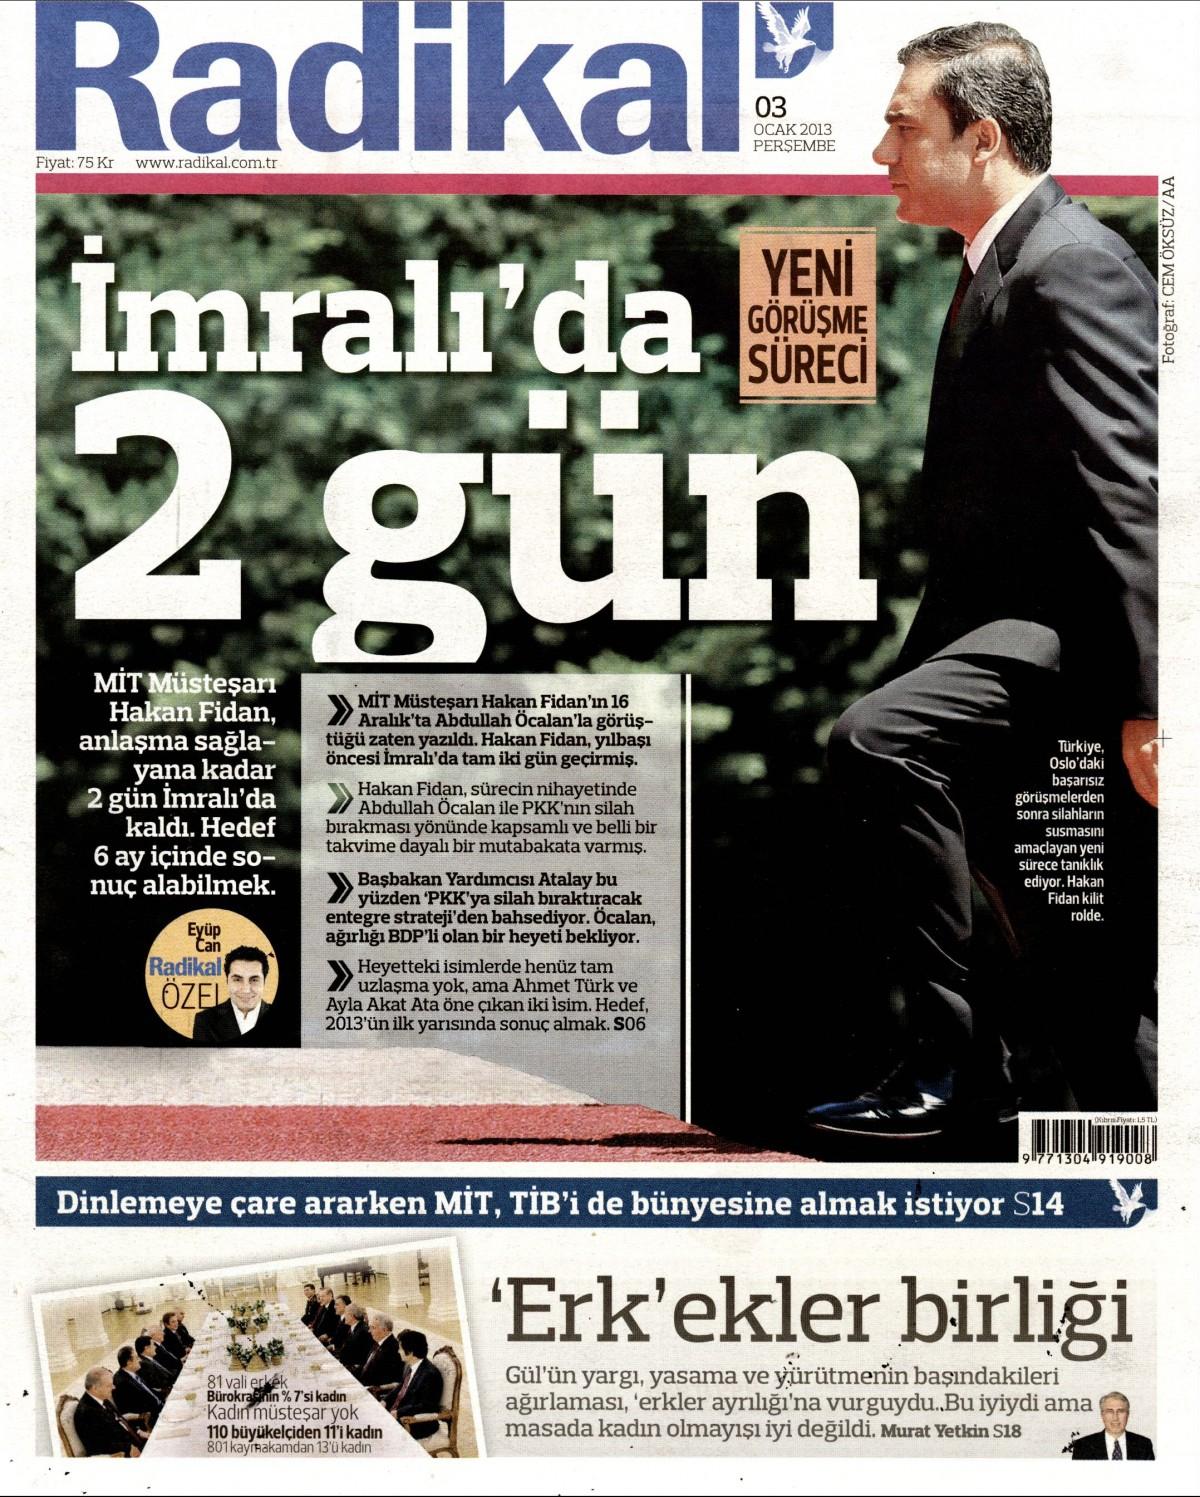 3 Ocak 2013 Tarihli Radikal Gazetesi Sayfa 1